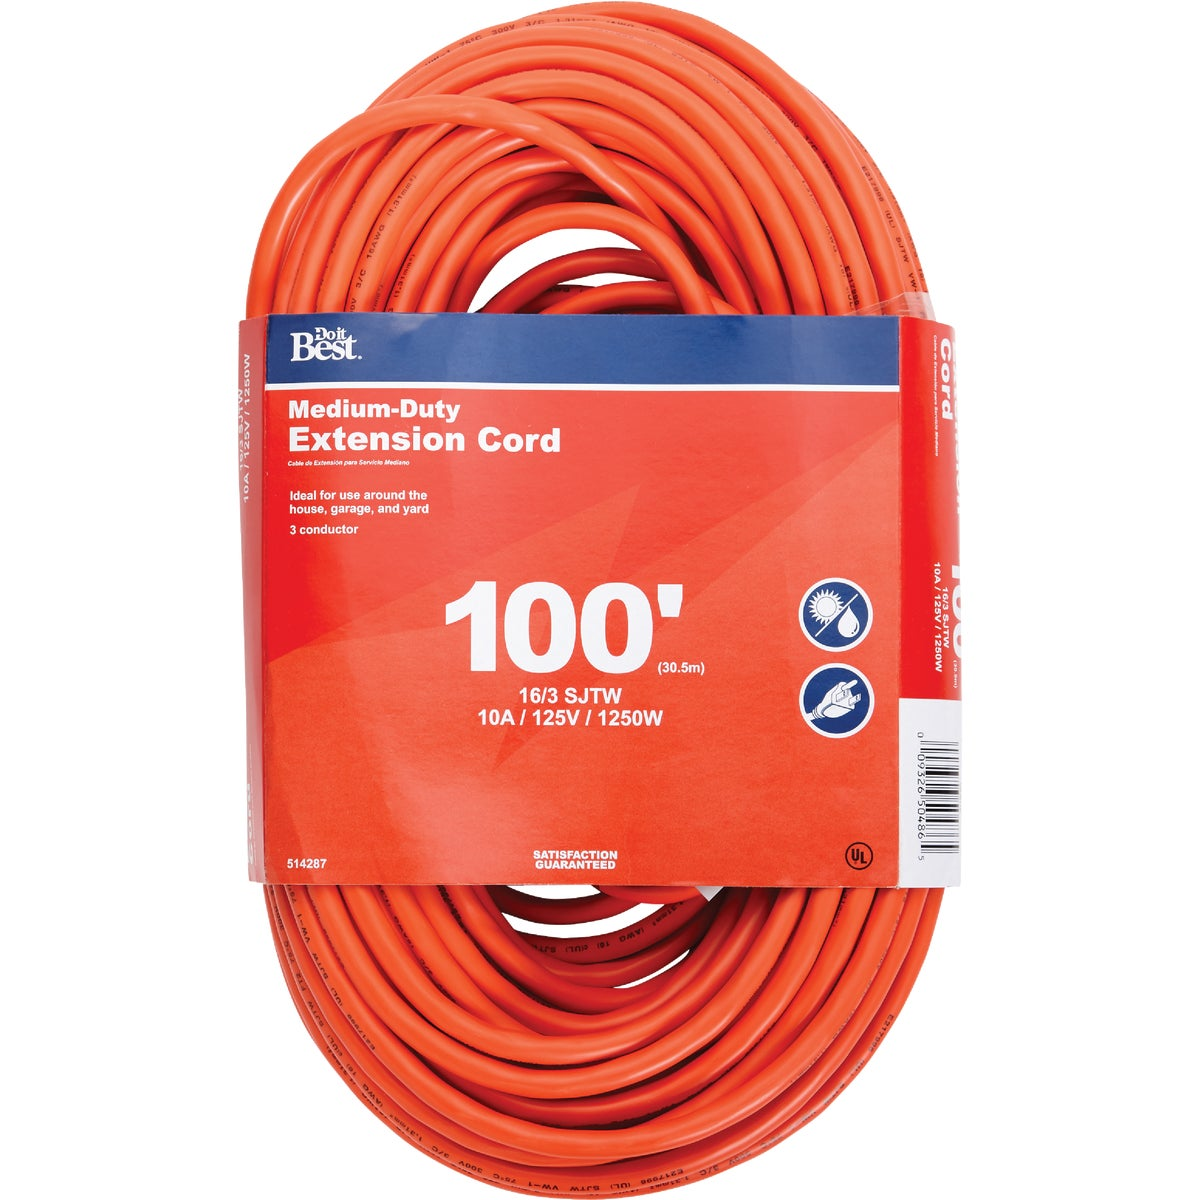 100'16/3 ORANGE EXT CORD